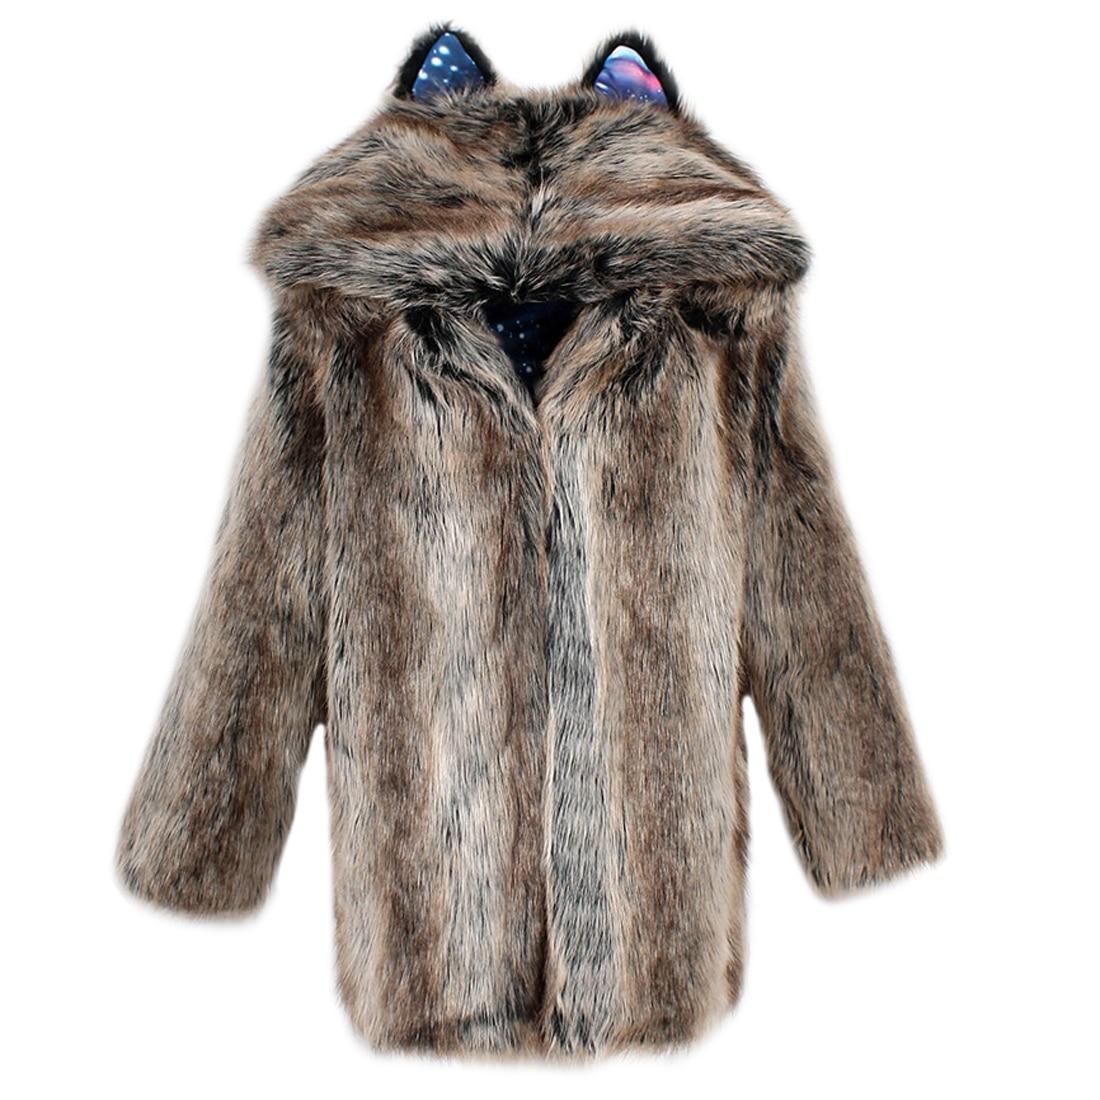 D'hiver Mode Renard Manteau De 2 Manteaux Femmes Moyen Luxe Faux Artificielle Fourrure 1 Mujer Pardessus Conception Dames Long Femme E1xwqpf5x